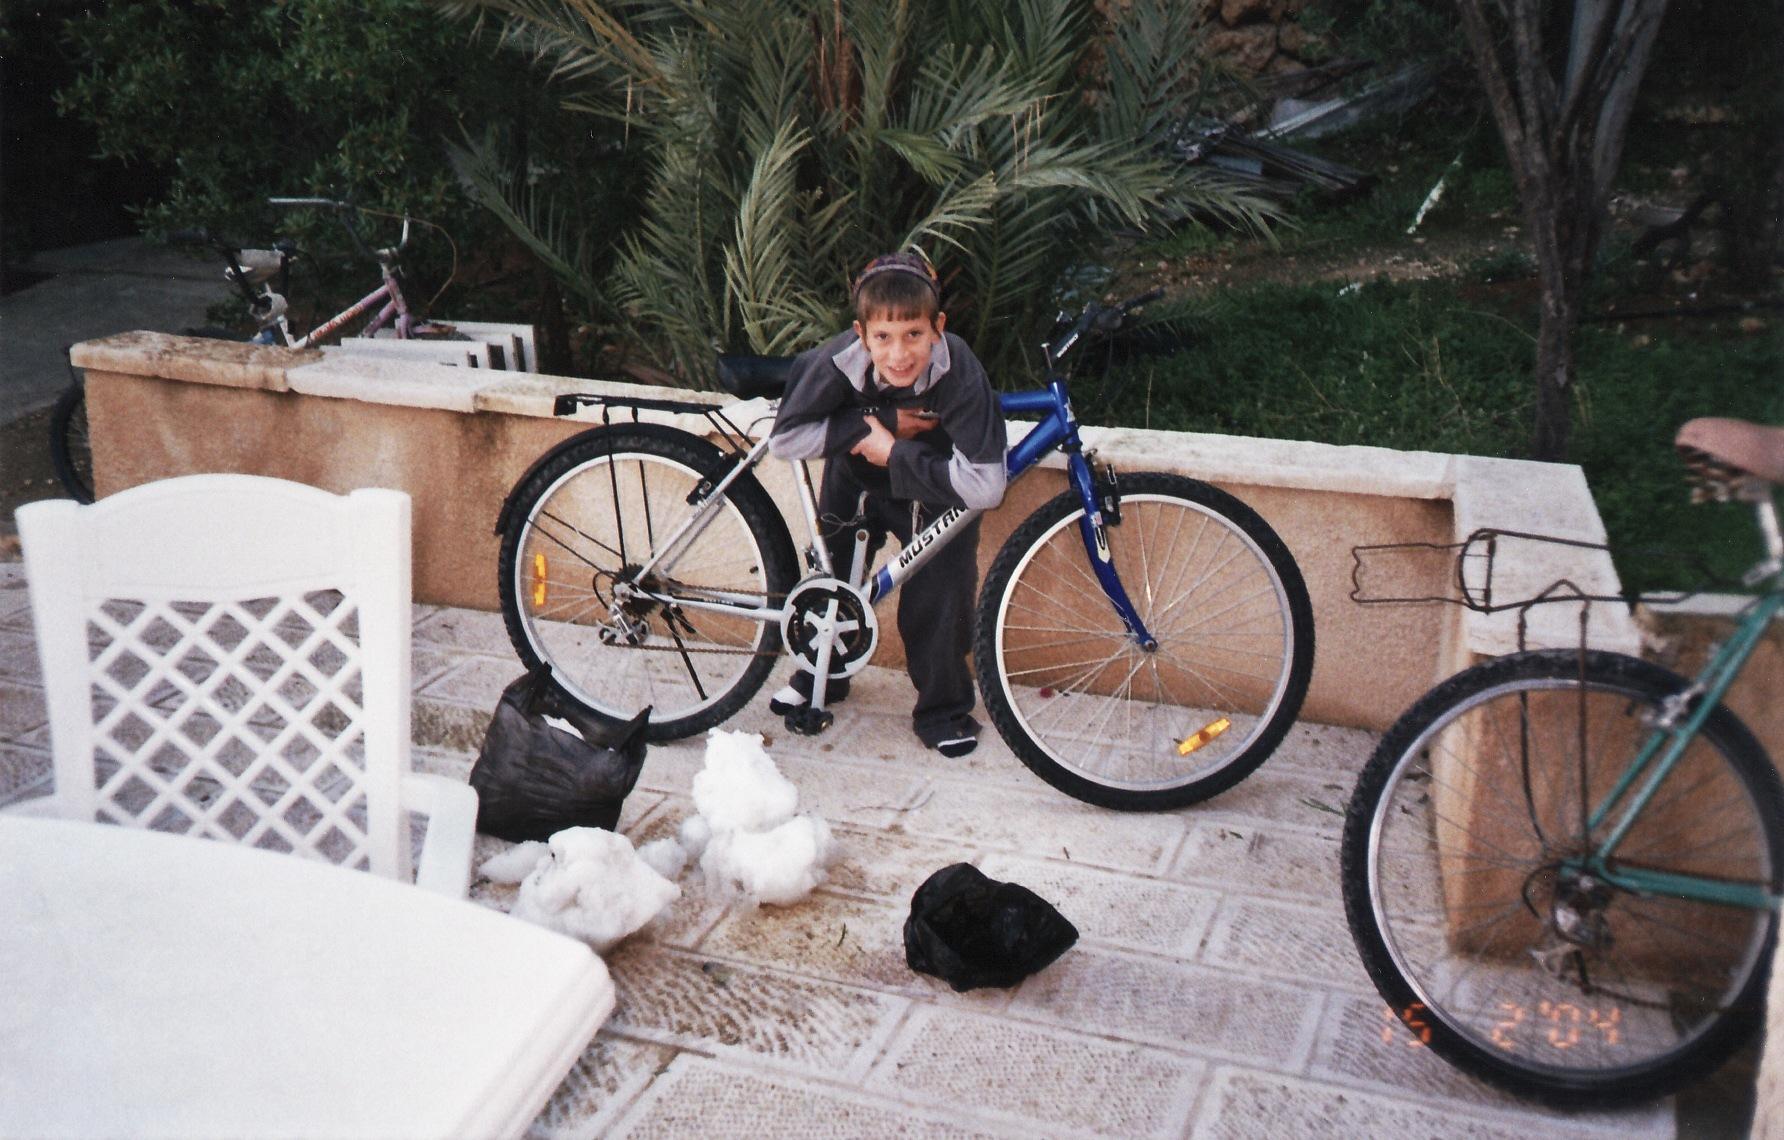 חורף תשסד ישי בן 8 וחצי עם שלג מירושלים